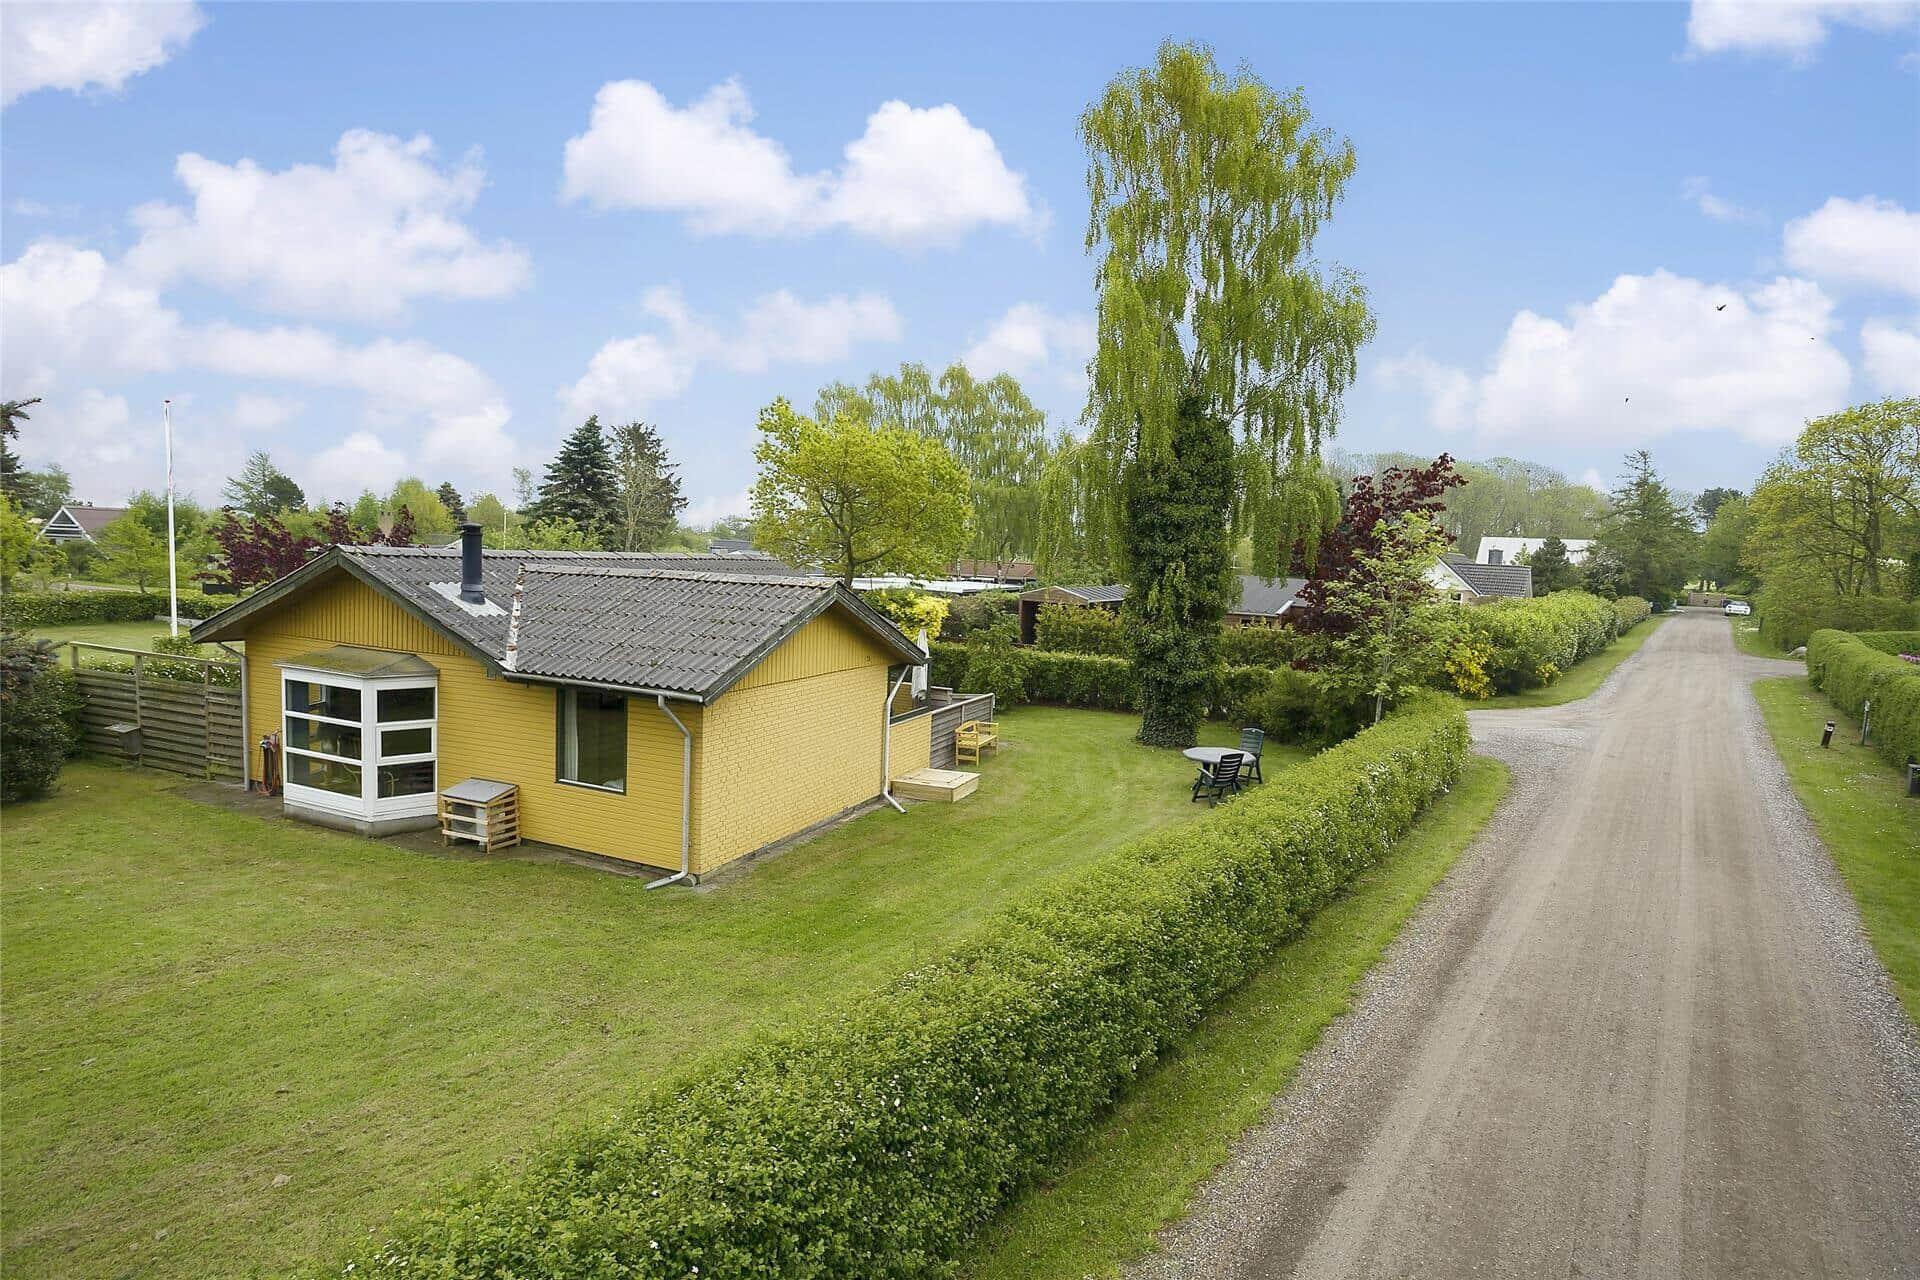 Billede 1-19 Sommerhus 30599, Spongsvej 21, DK - 8300 Odder